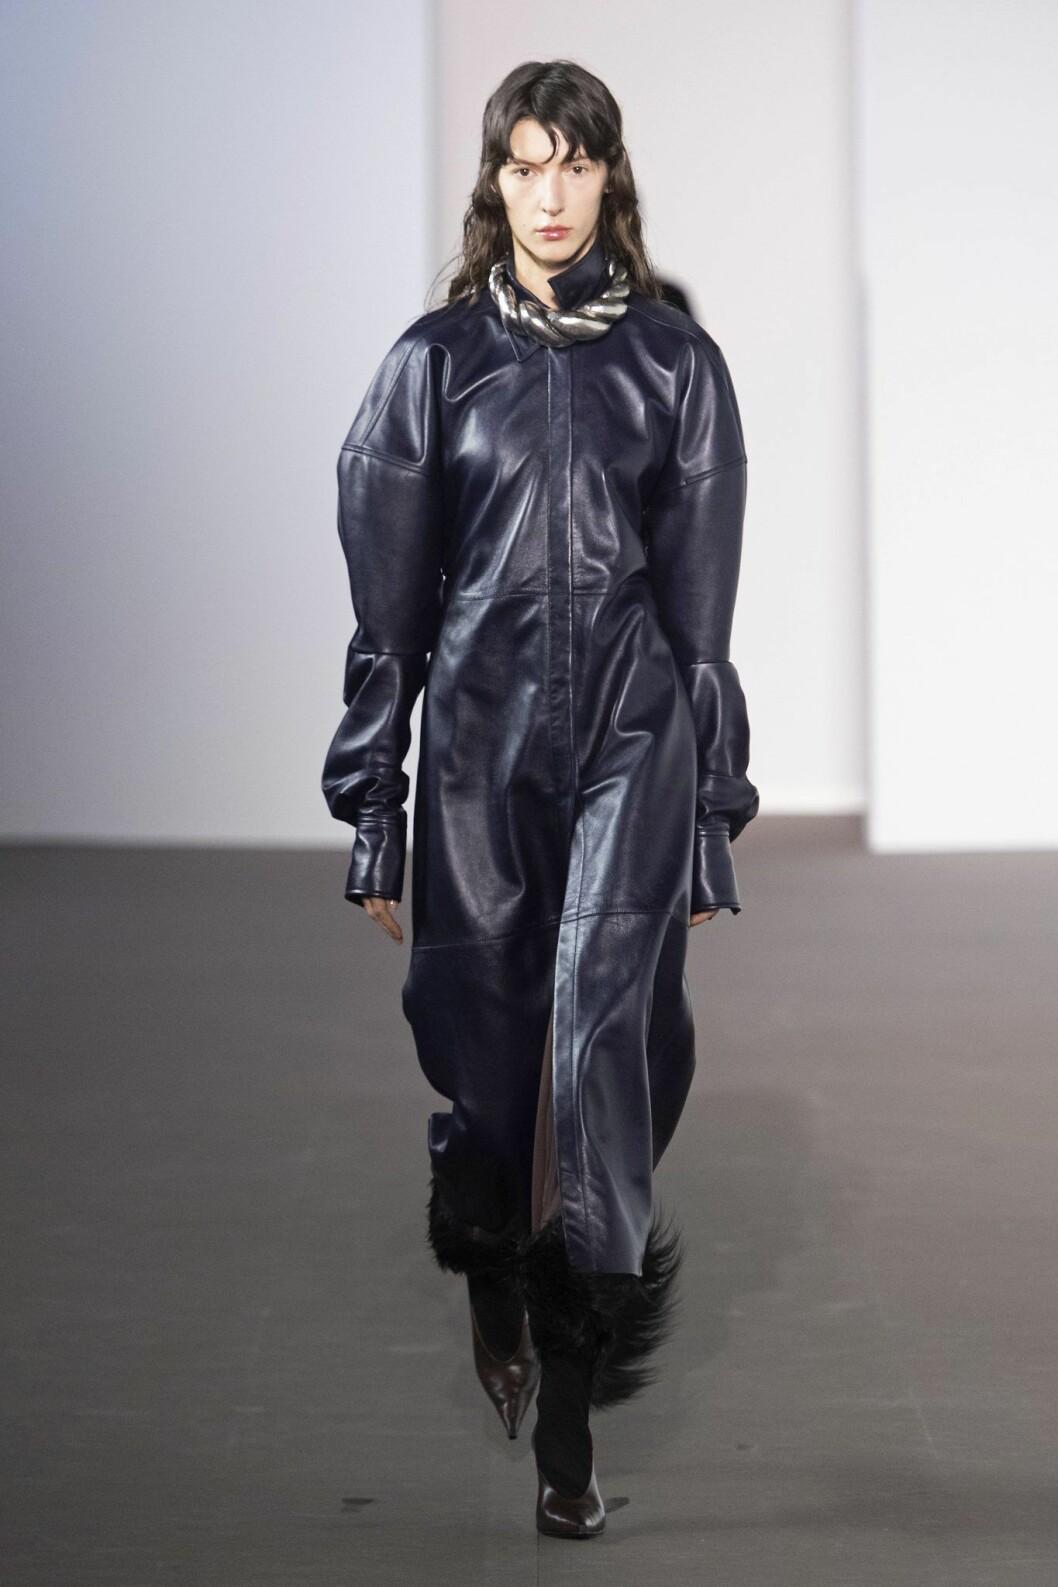 Acne Studios läderklänning höst mode 2020